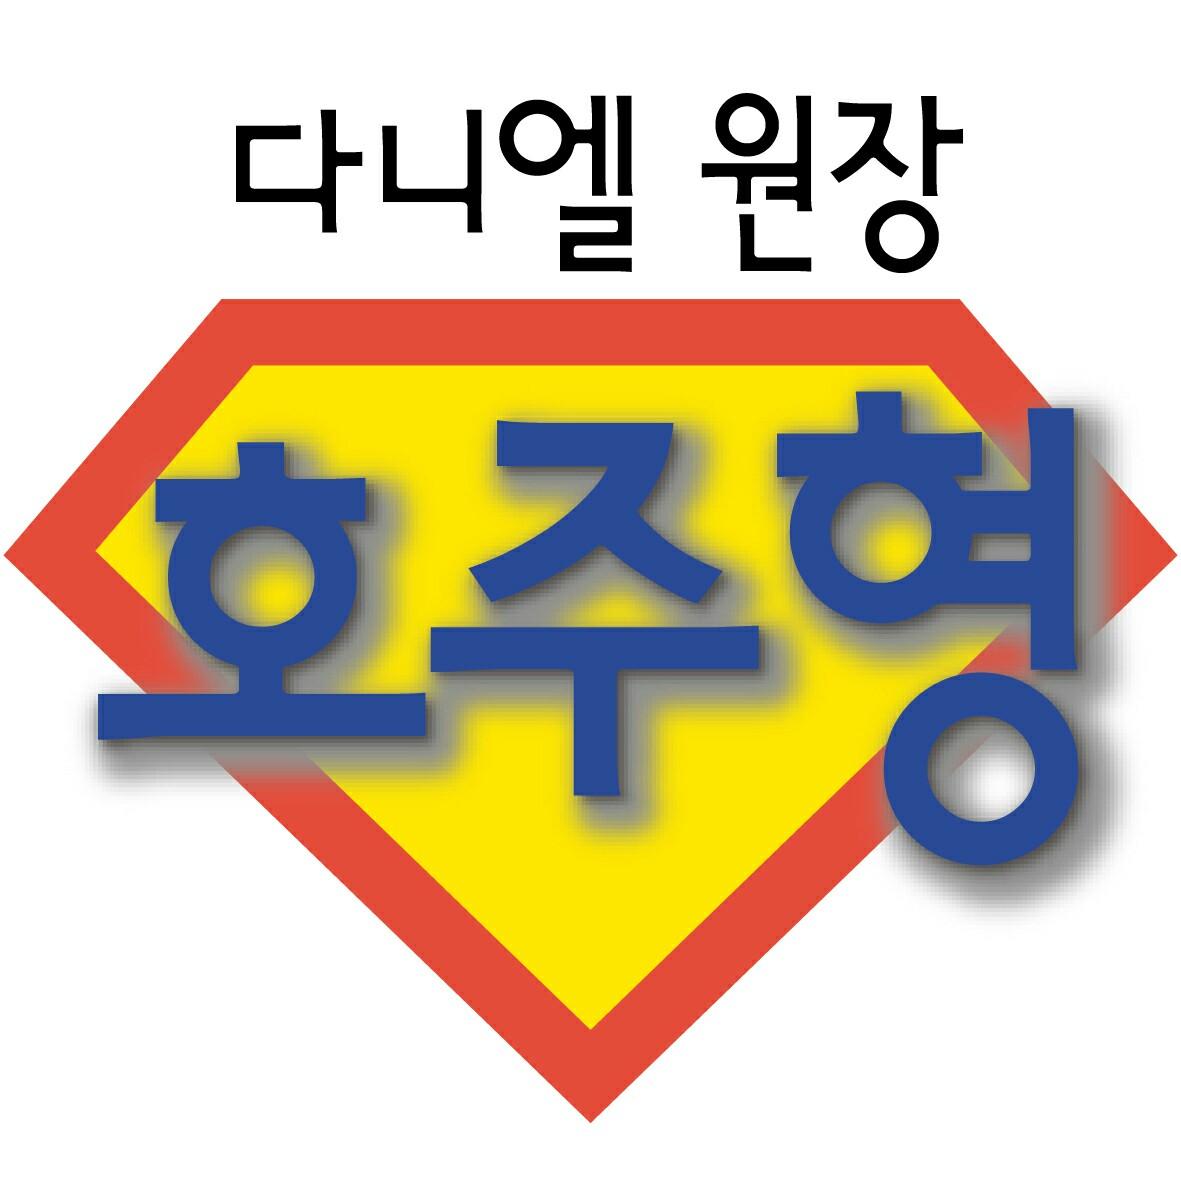 kore**** 님의 프로필